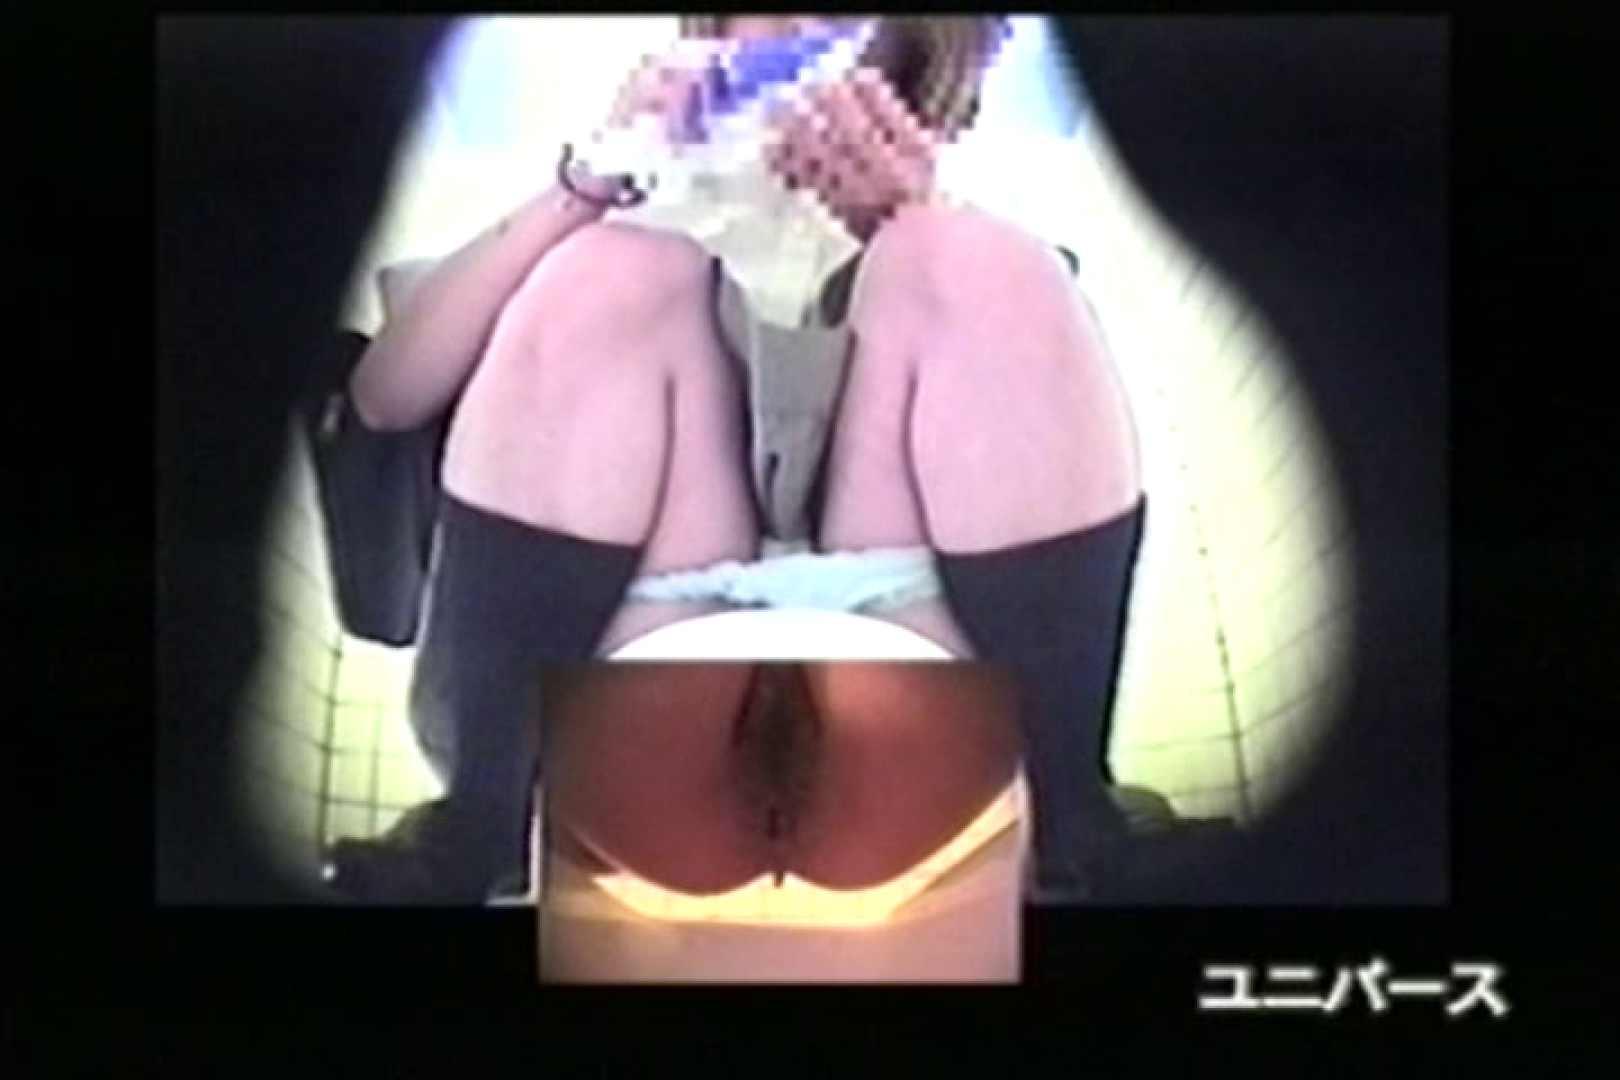 下半身シースルー洗面所Vol.4 OLヌード天国 | ギャル  91PIX 7